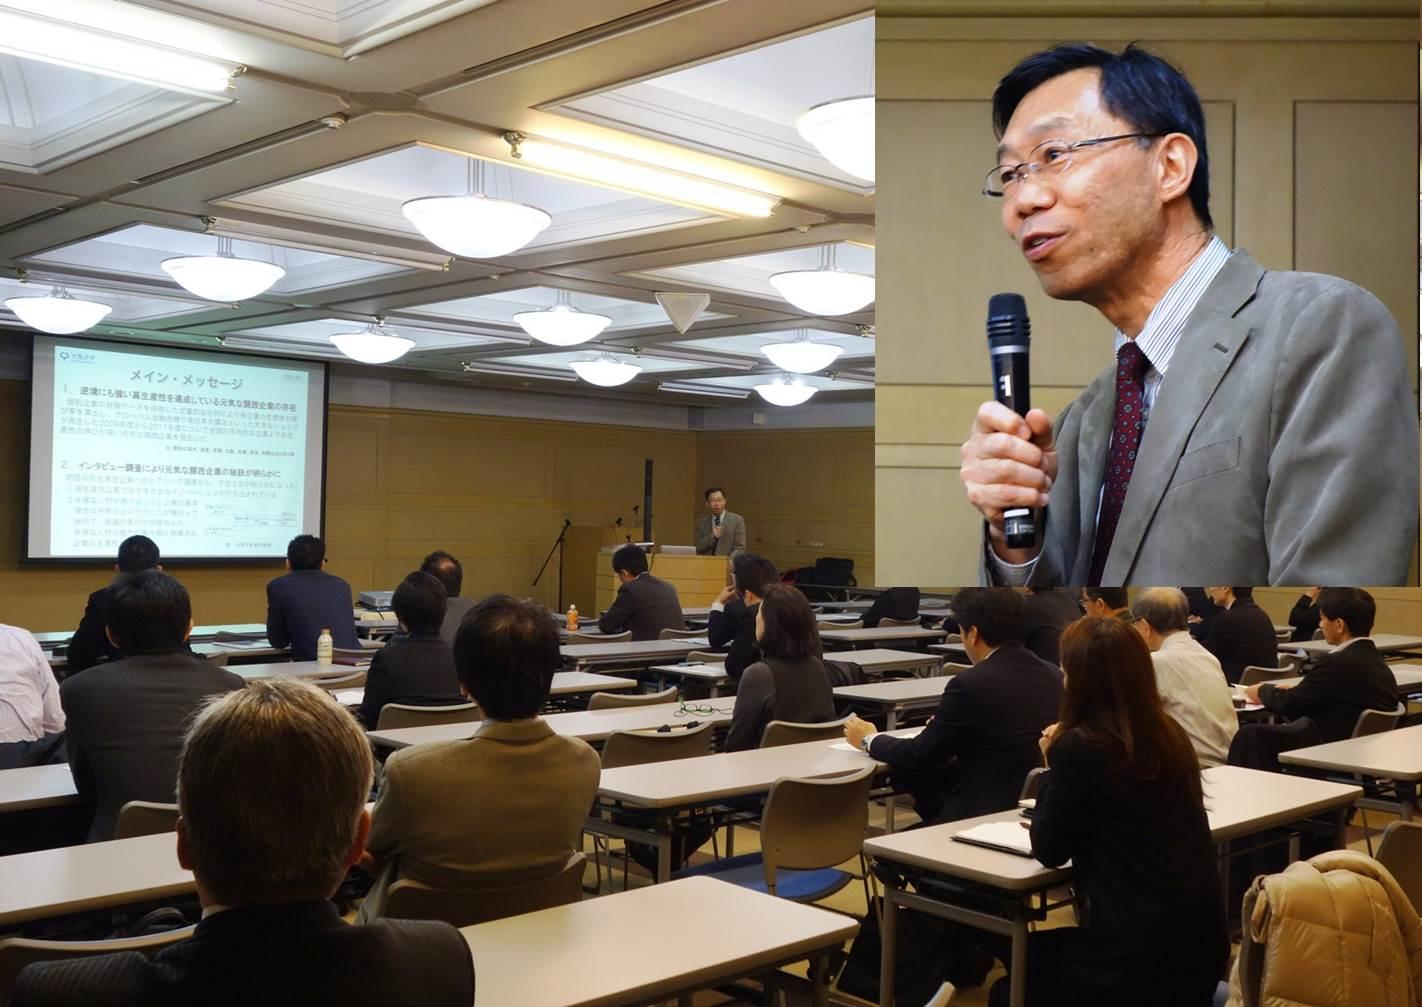 小川主席研究員が関西ベンチャー学会で講演